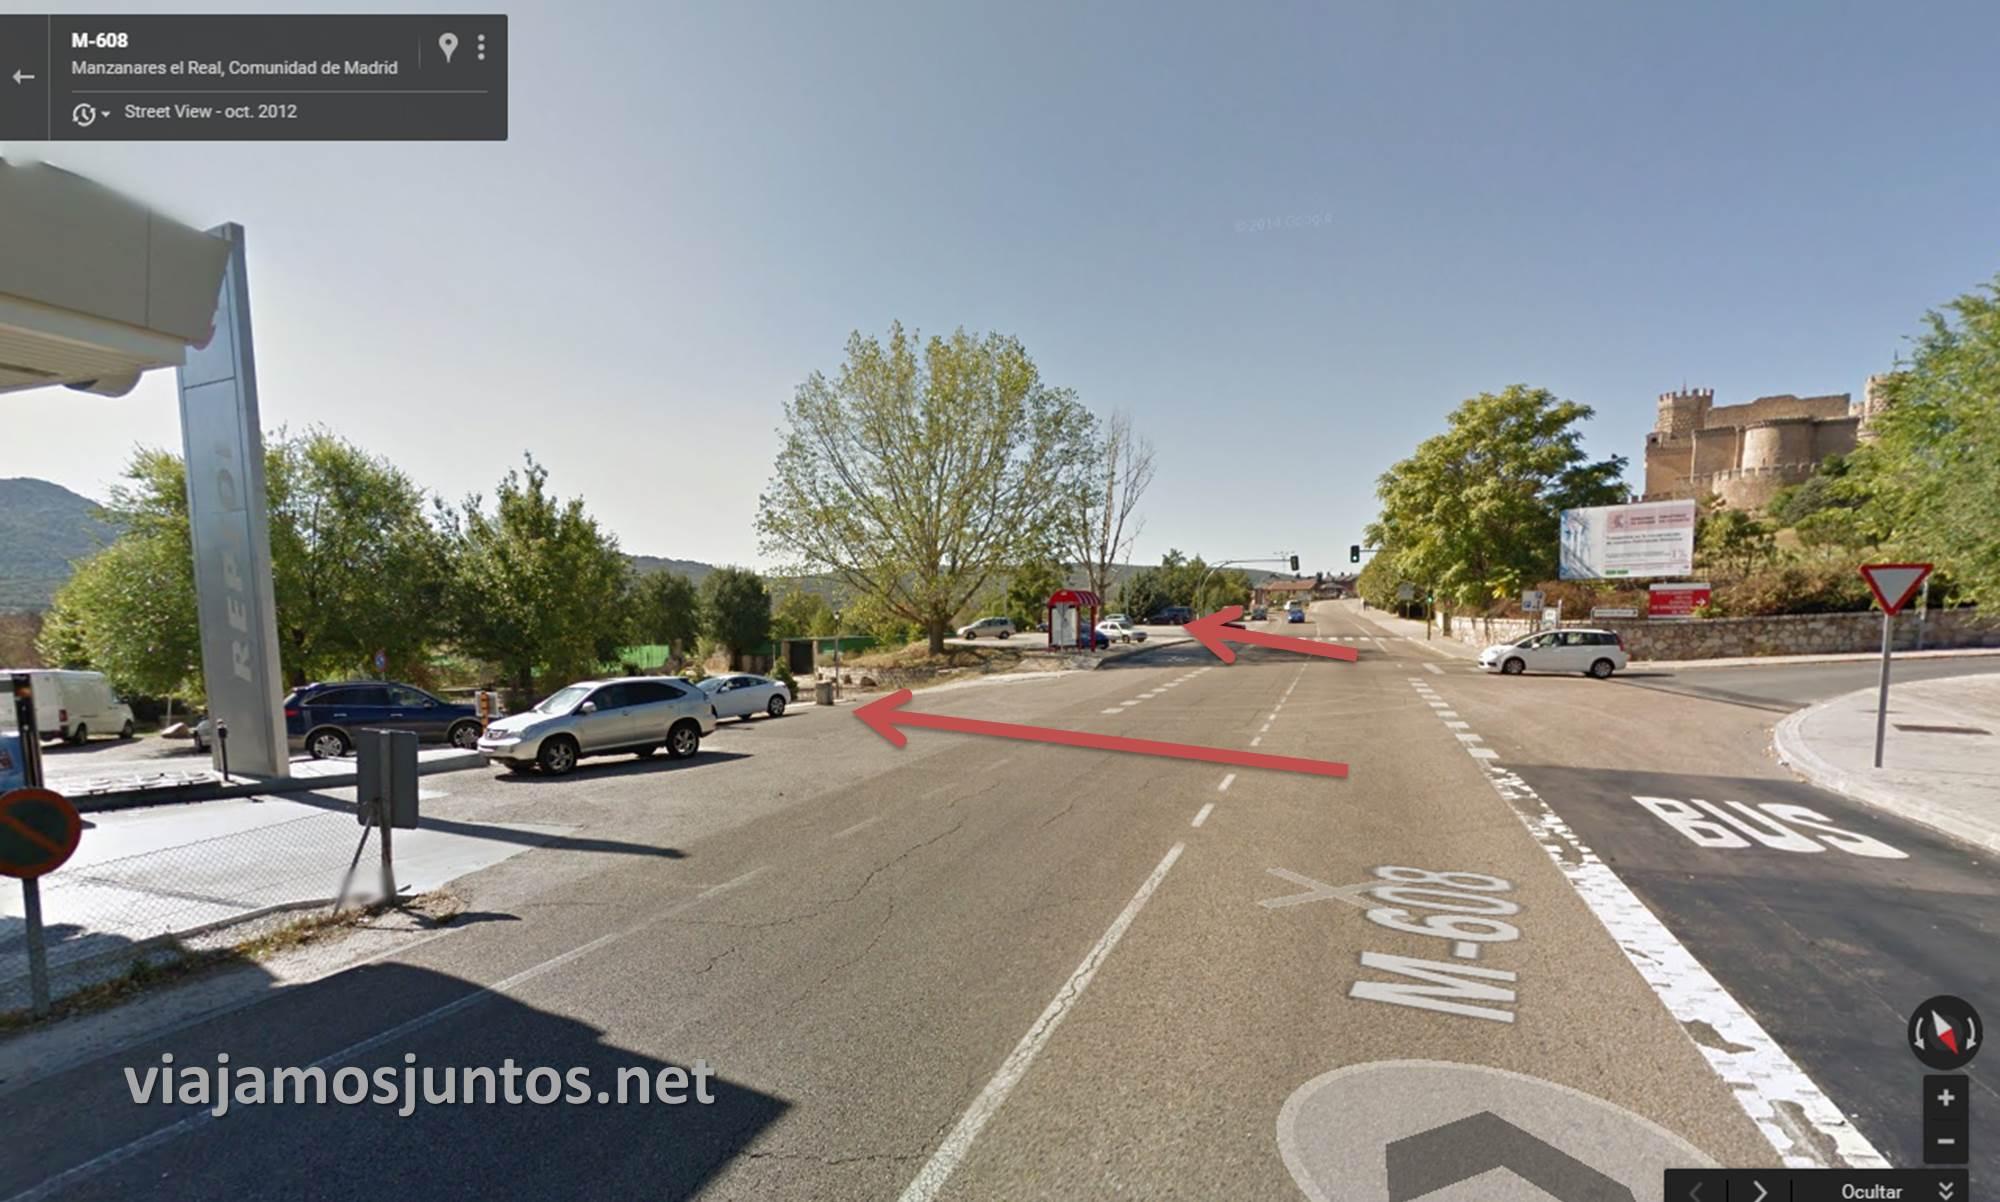 Parking opcional si vais con varios coches. Gasolinera o un poco más adelante, otro parking. Ruta el Yelmo Manzanares el Real Madrid